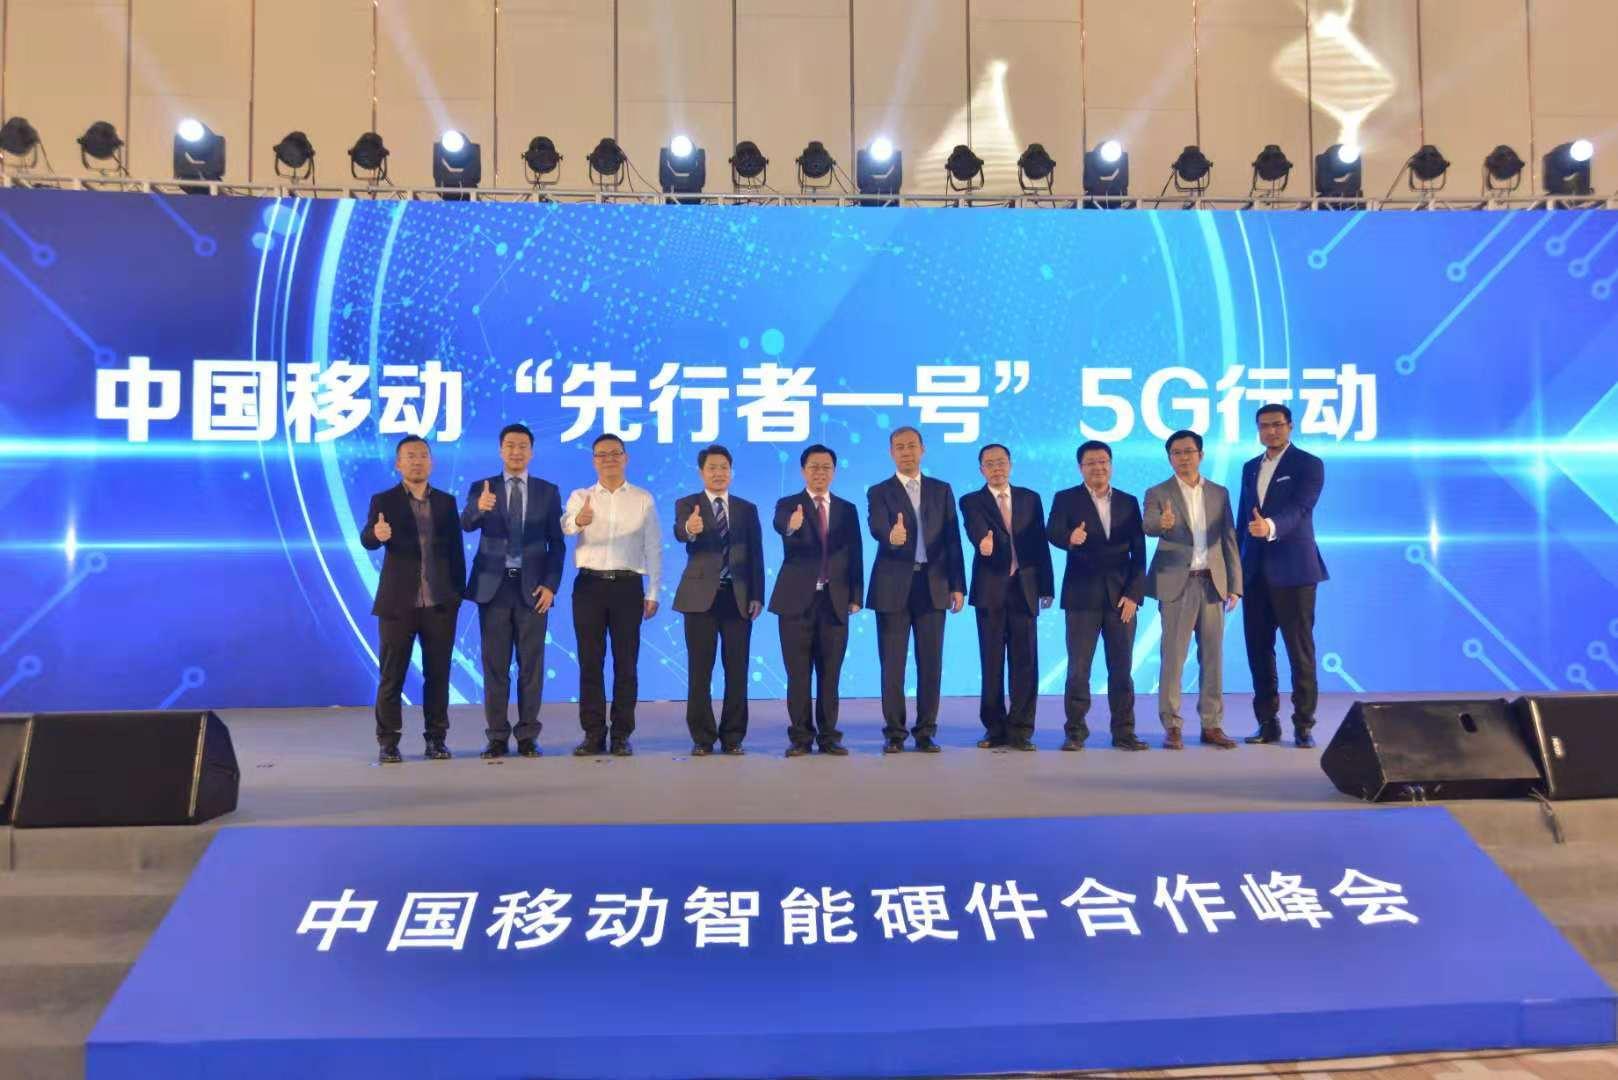 中国挪动公布5G实验终端 搭载骁龙855,可让手机等设置装备摆设接入5G网络